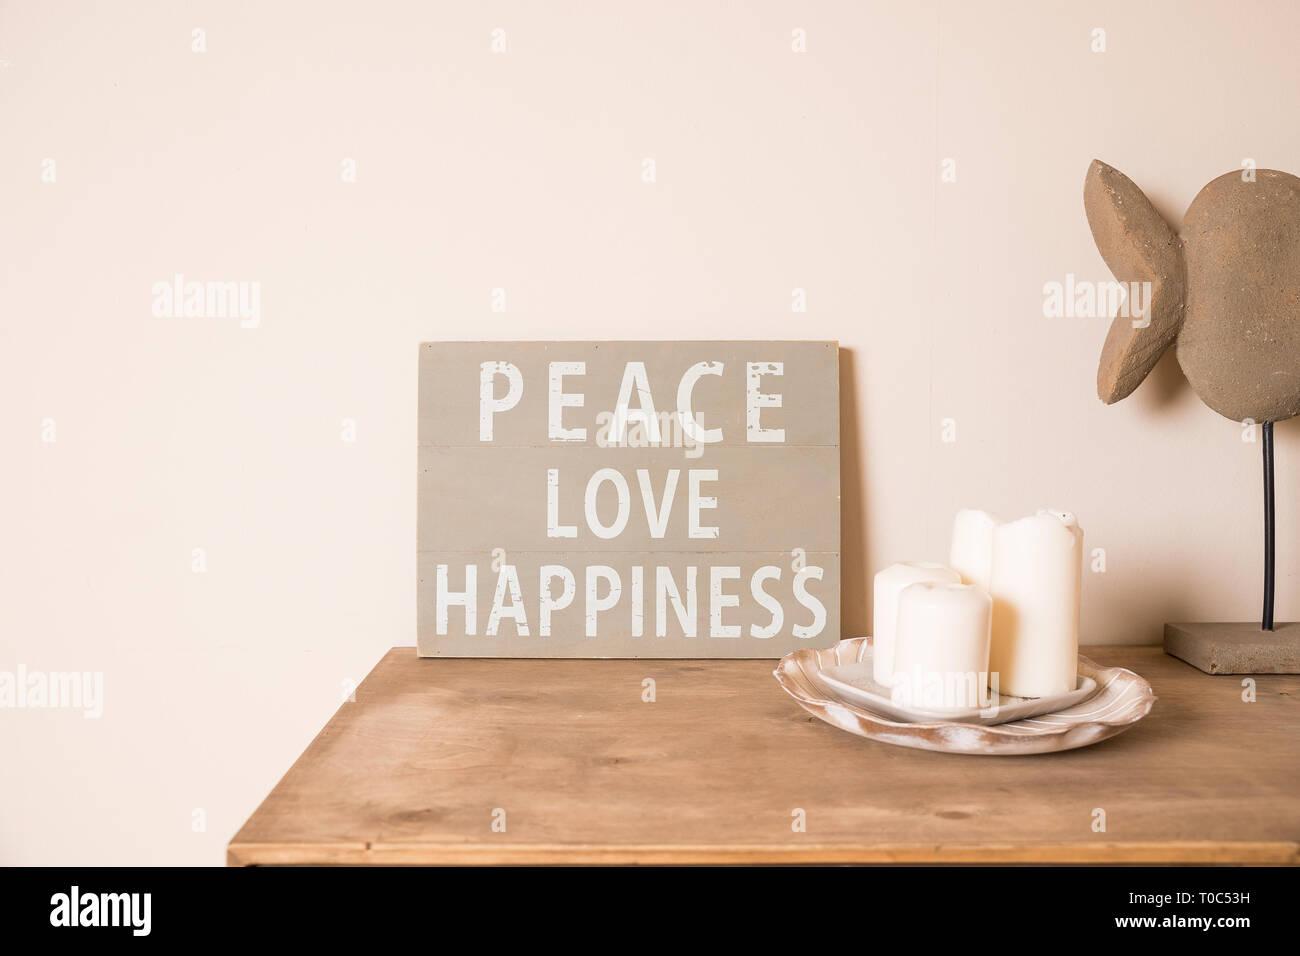 Hipster Zimmer im skandinavischen Stil eingerichtet. Moodboard. Alte zerkratzt, Zitat von Frieden, Liebe, Glück. Weiße Kerzen, Topf mit Sukkulenten. Rustikal Stockfoto